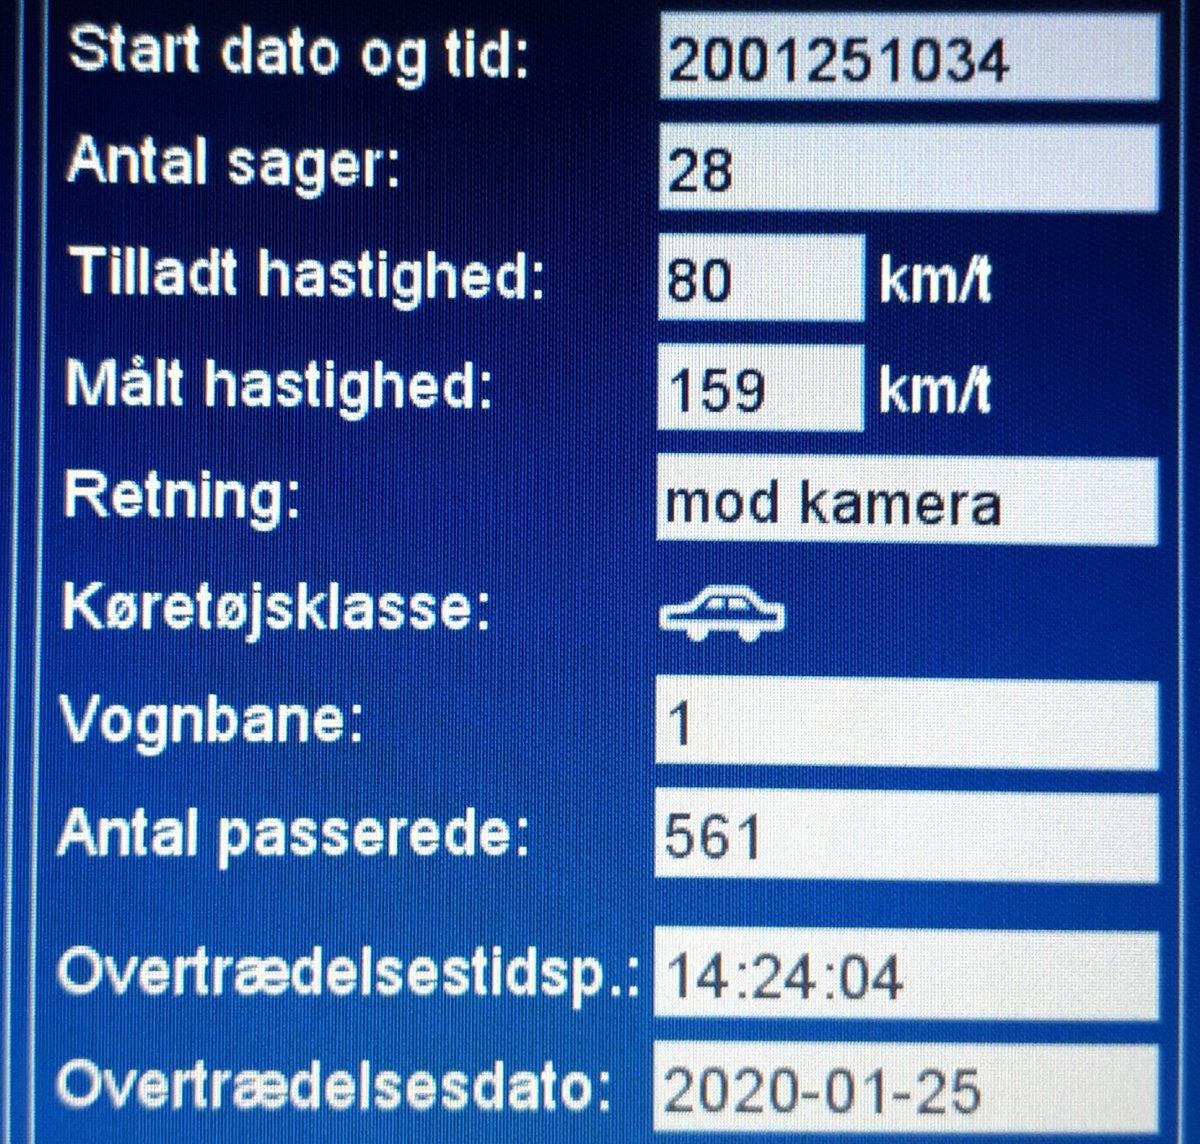 ATK har målt hastighed fredag aften og lørdag på Rømøvej ved Skærbæk i Tønder kommune som er kommunal udpeget strækning. Desværre nedslående resultat, hele 70 sager, 15 klip og 2 bet.frak. Hastigheder målt op til 159km/t i 80zone. Vi kommer igen, så sænk farten #atkdk #politidk https://t.co/r61C6qL9ym